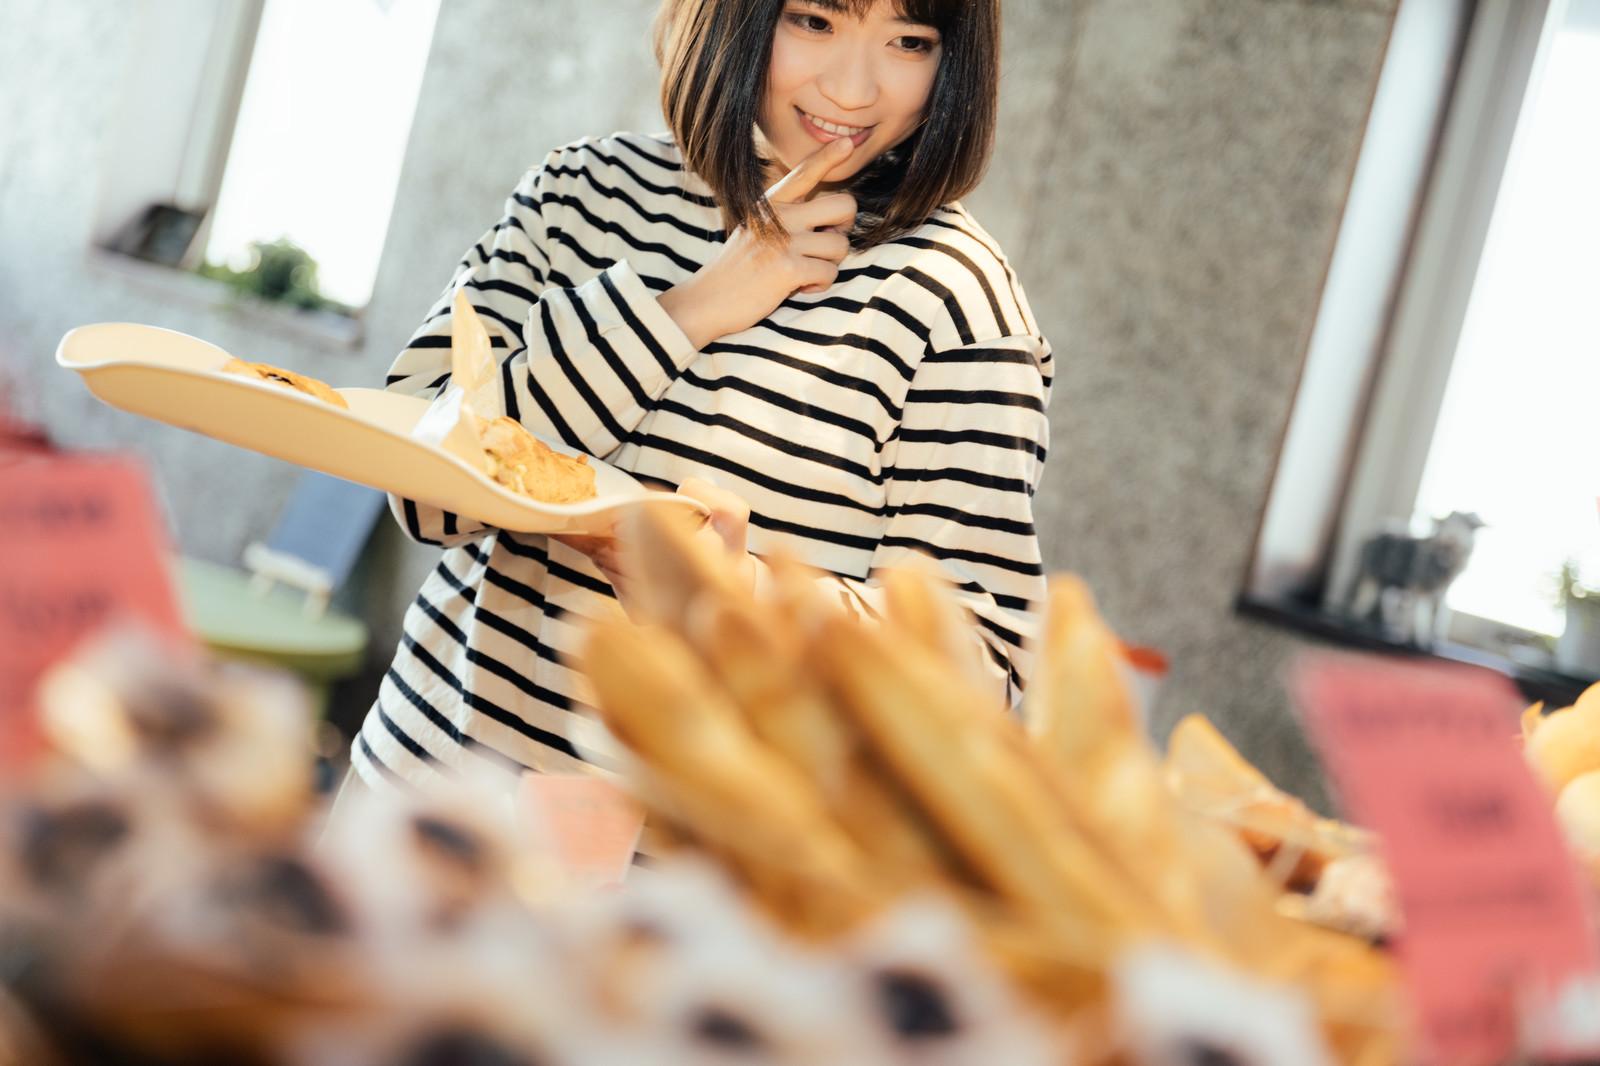 ジョアンのパンは行列に並んでも買いたい人気商品!おすすめのメニューや値段は?